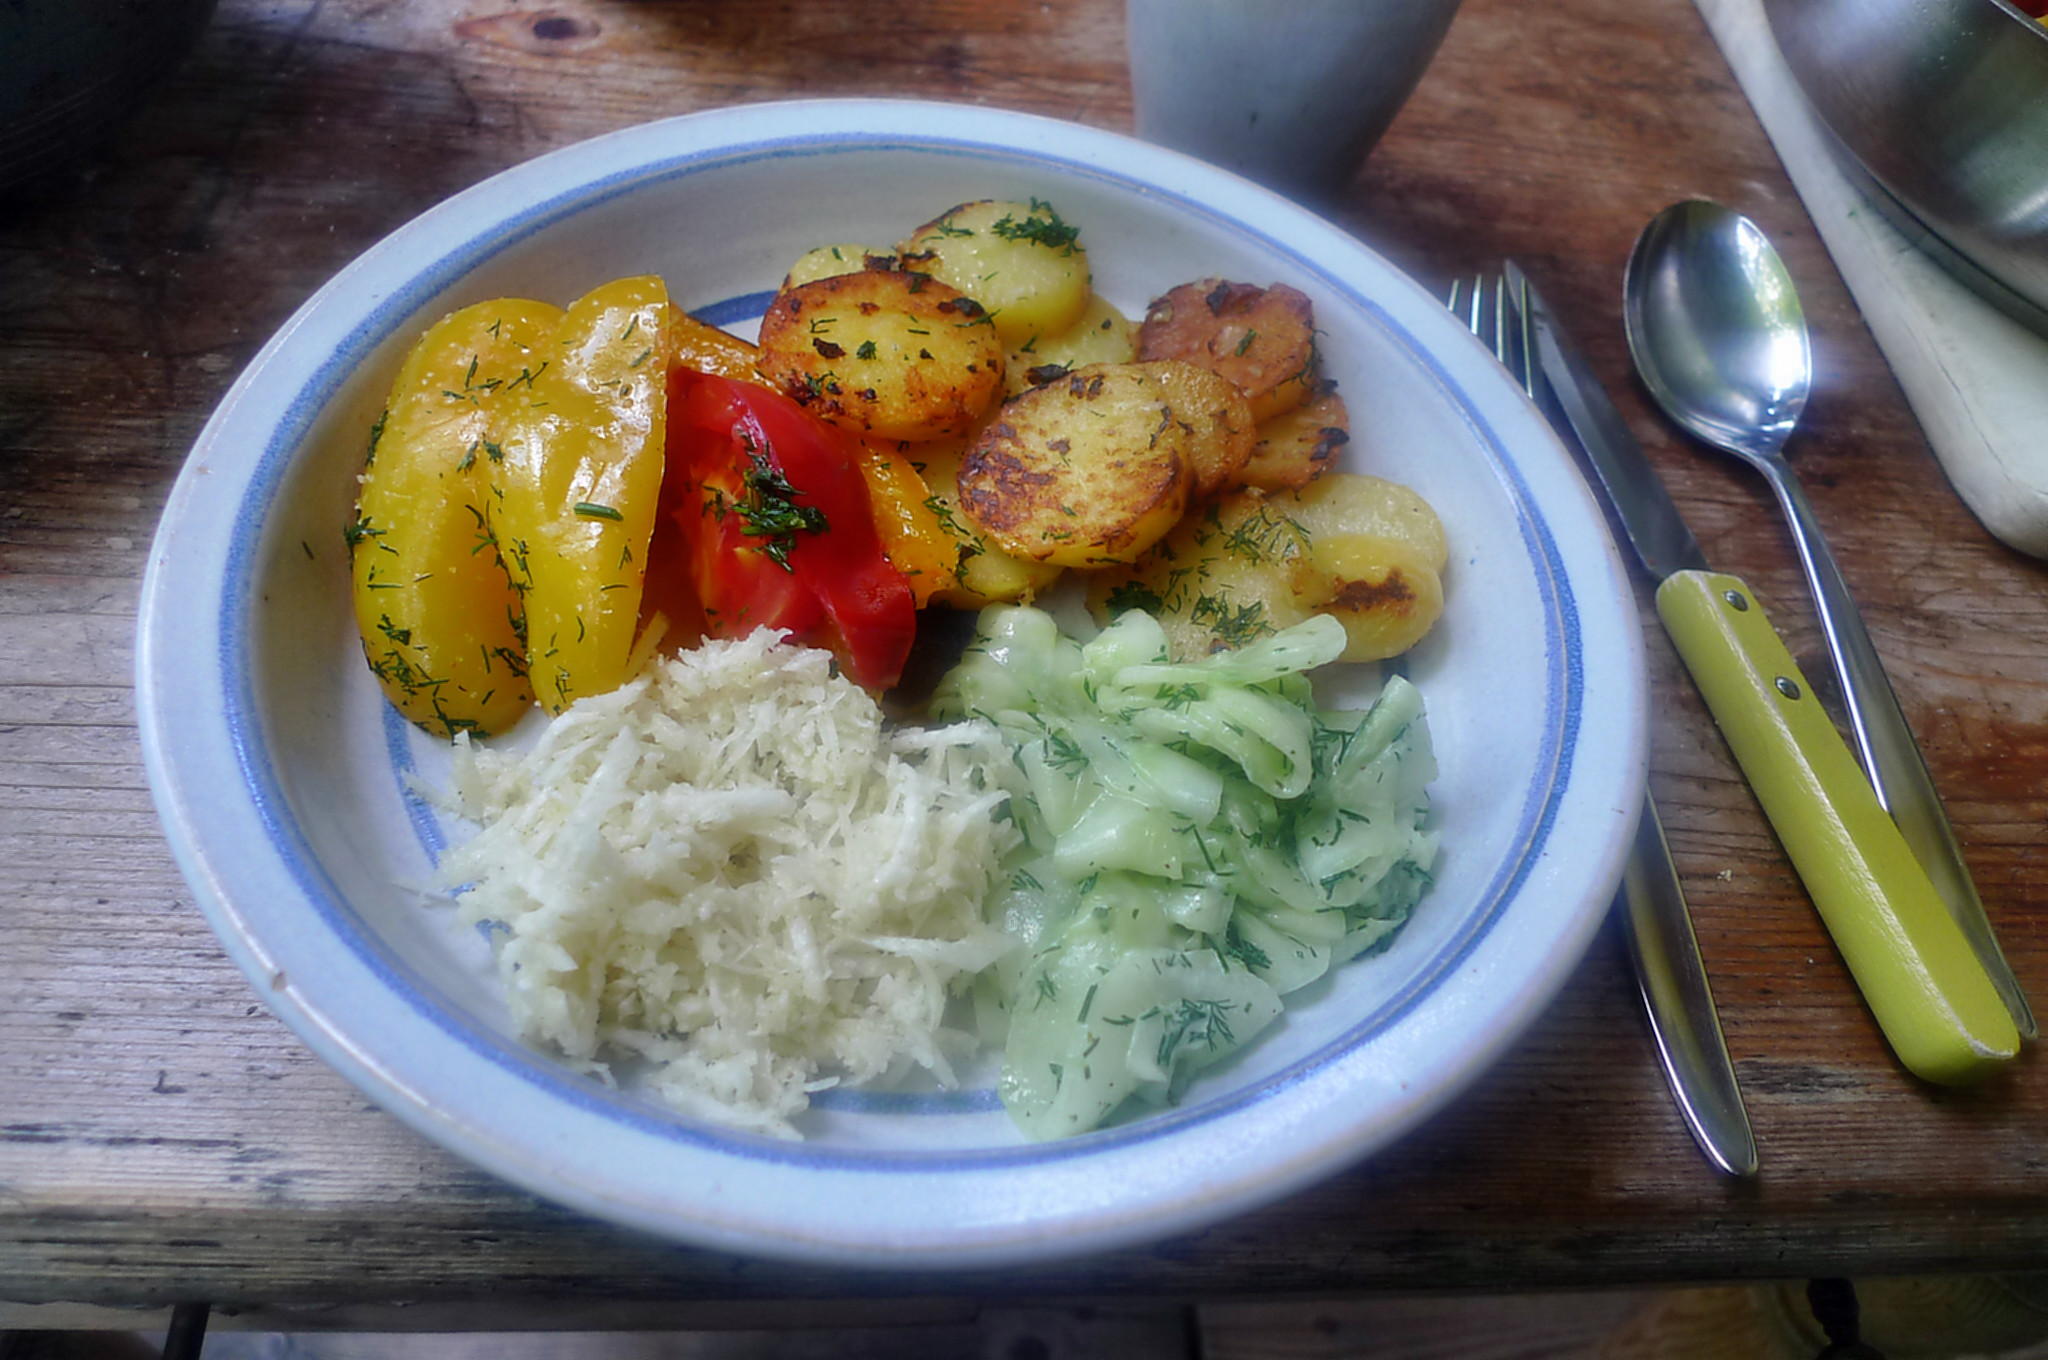 Paprika-Rettichsalat-Gurkensalat-Bratkartoffel-1.8.14   (3)